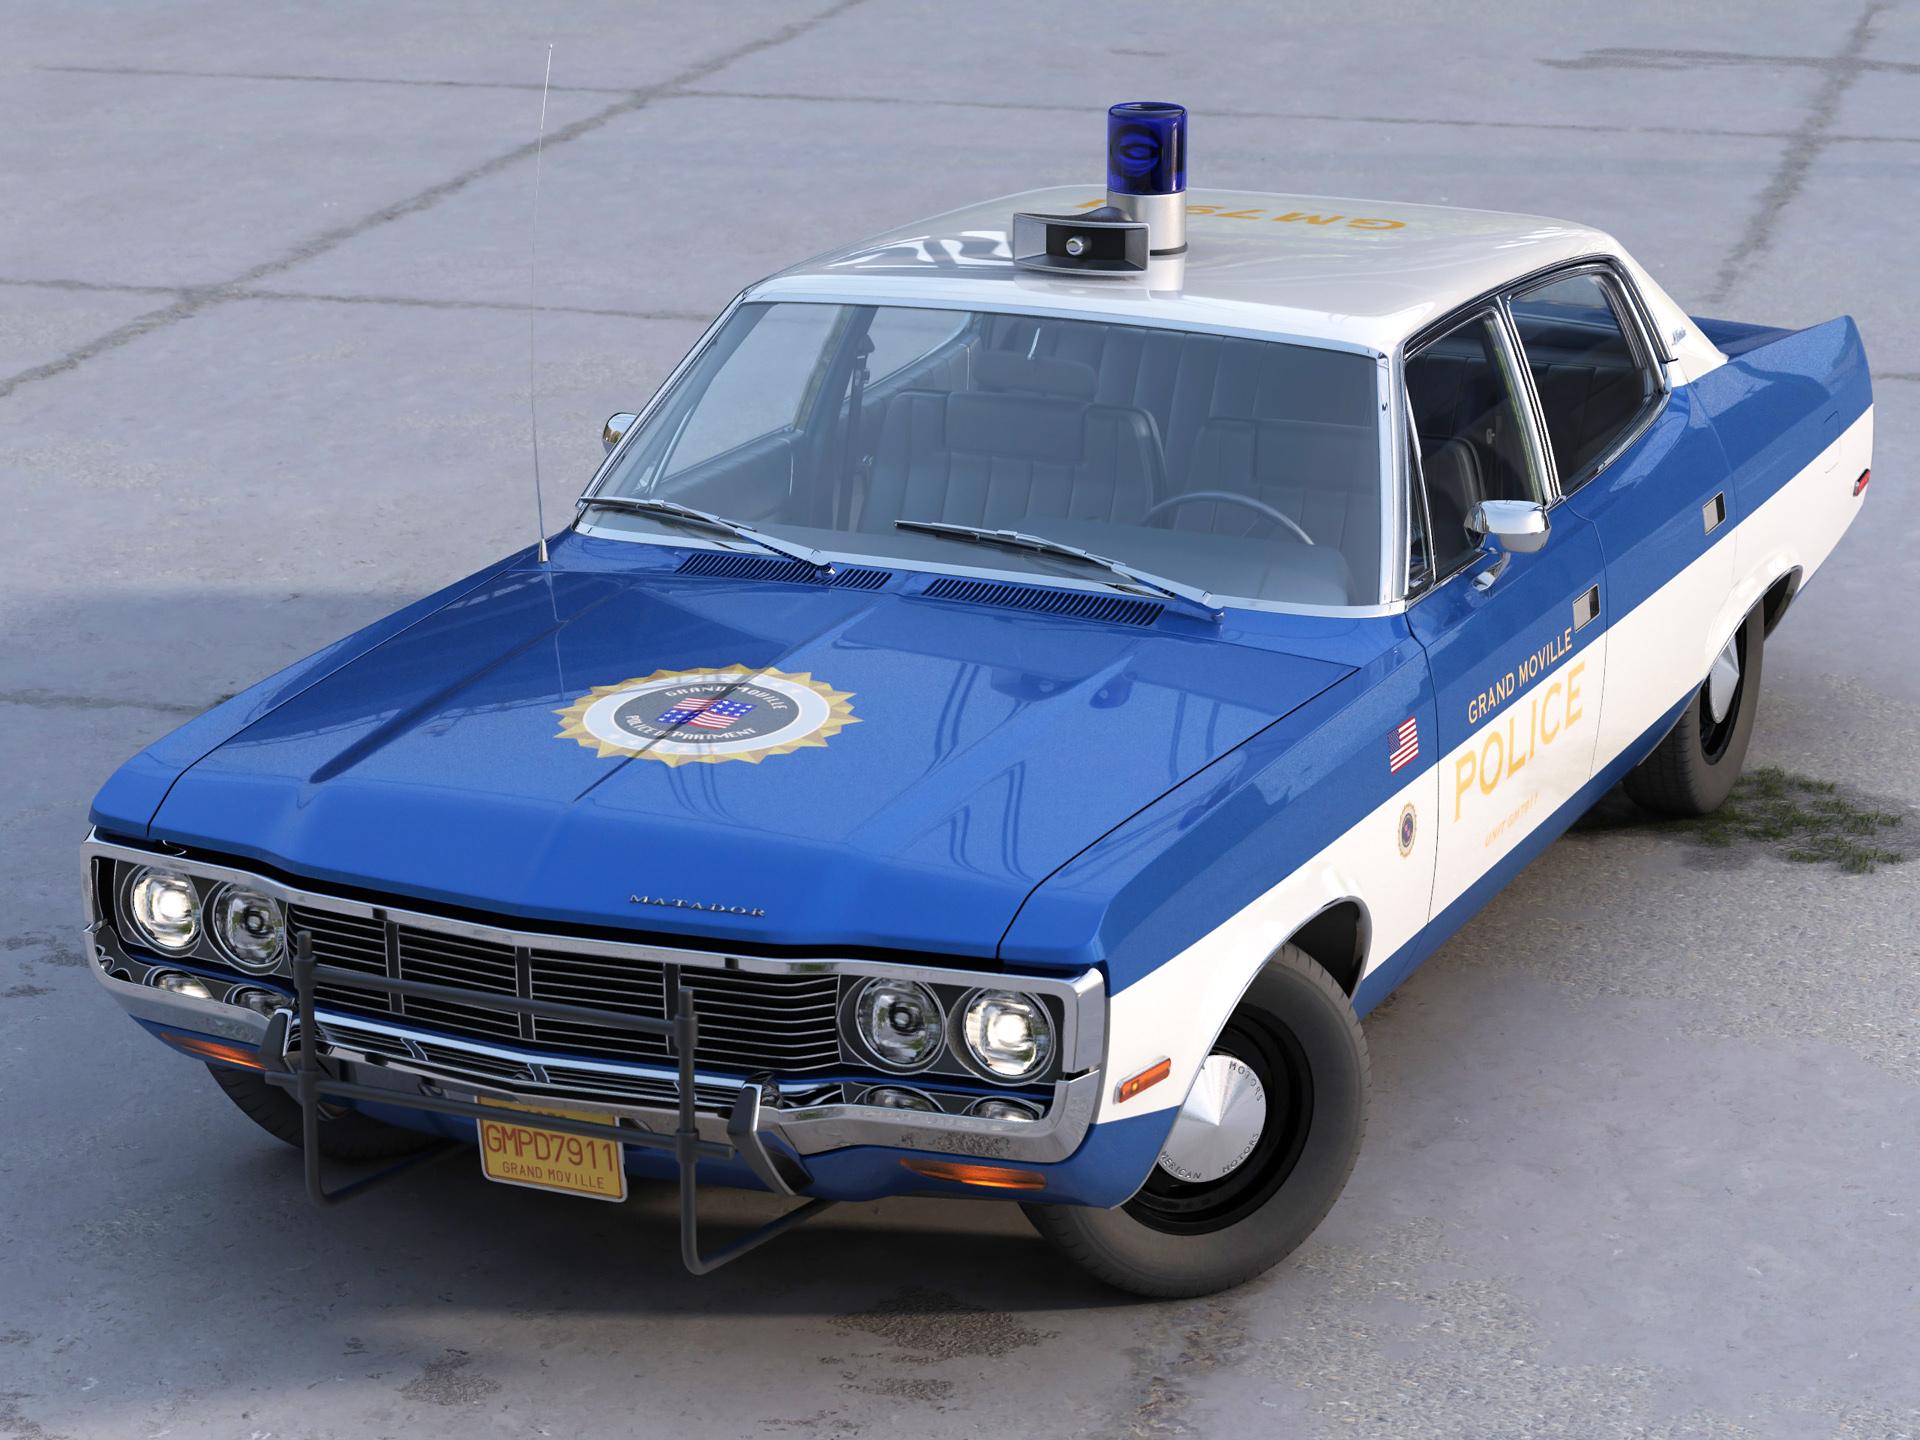 amc matador police 1972 3d model 3ds max fbx c4d obj 273768